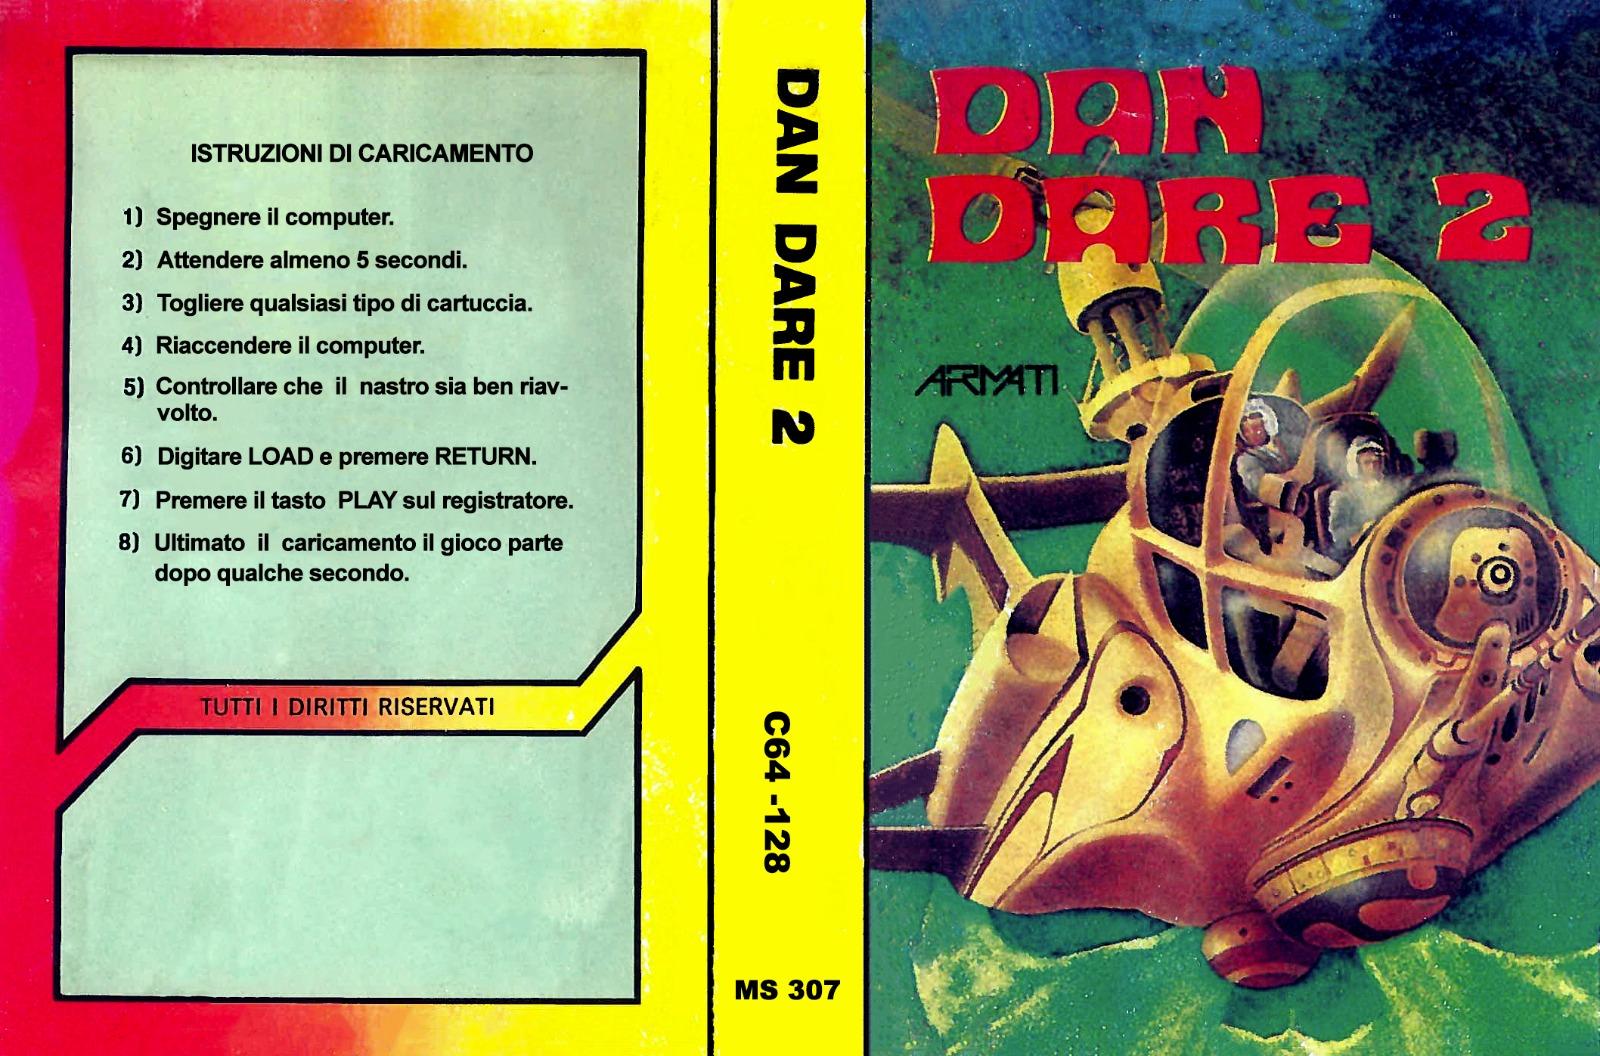 DAN DARE 2 MS 307